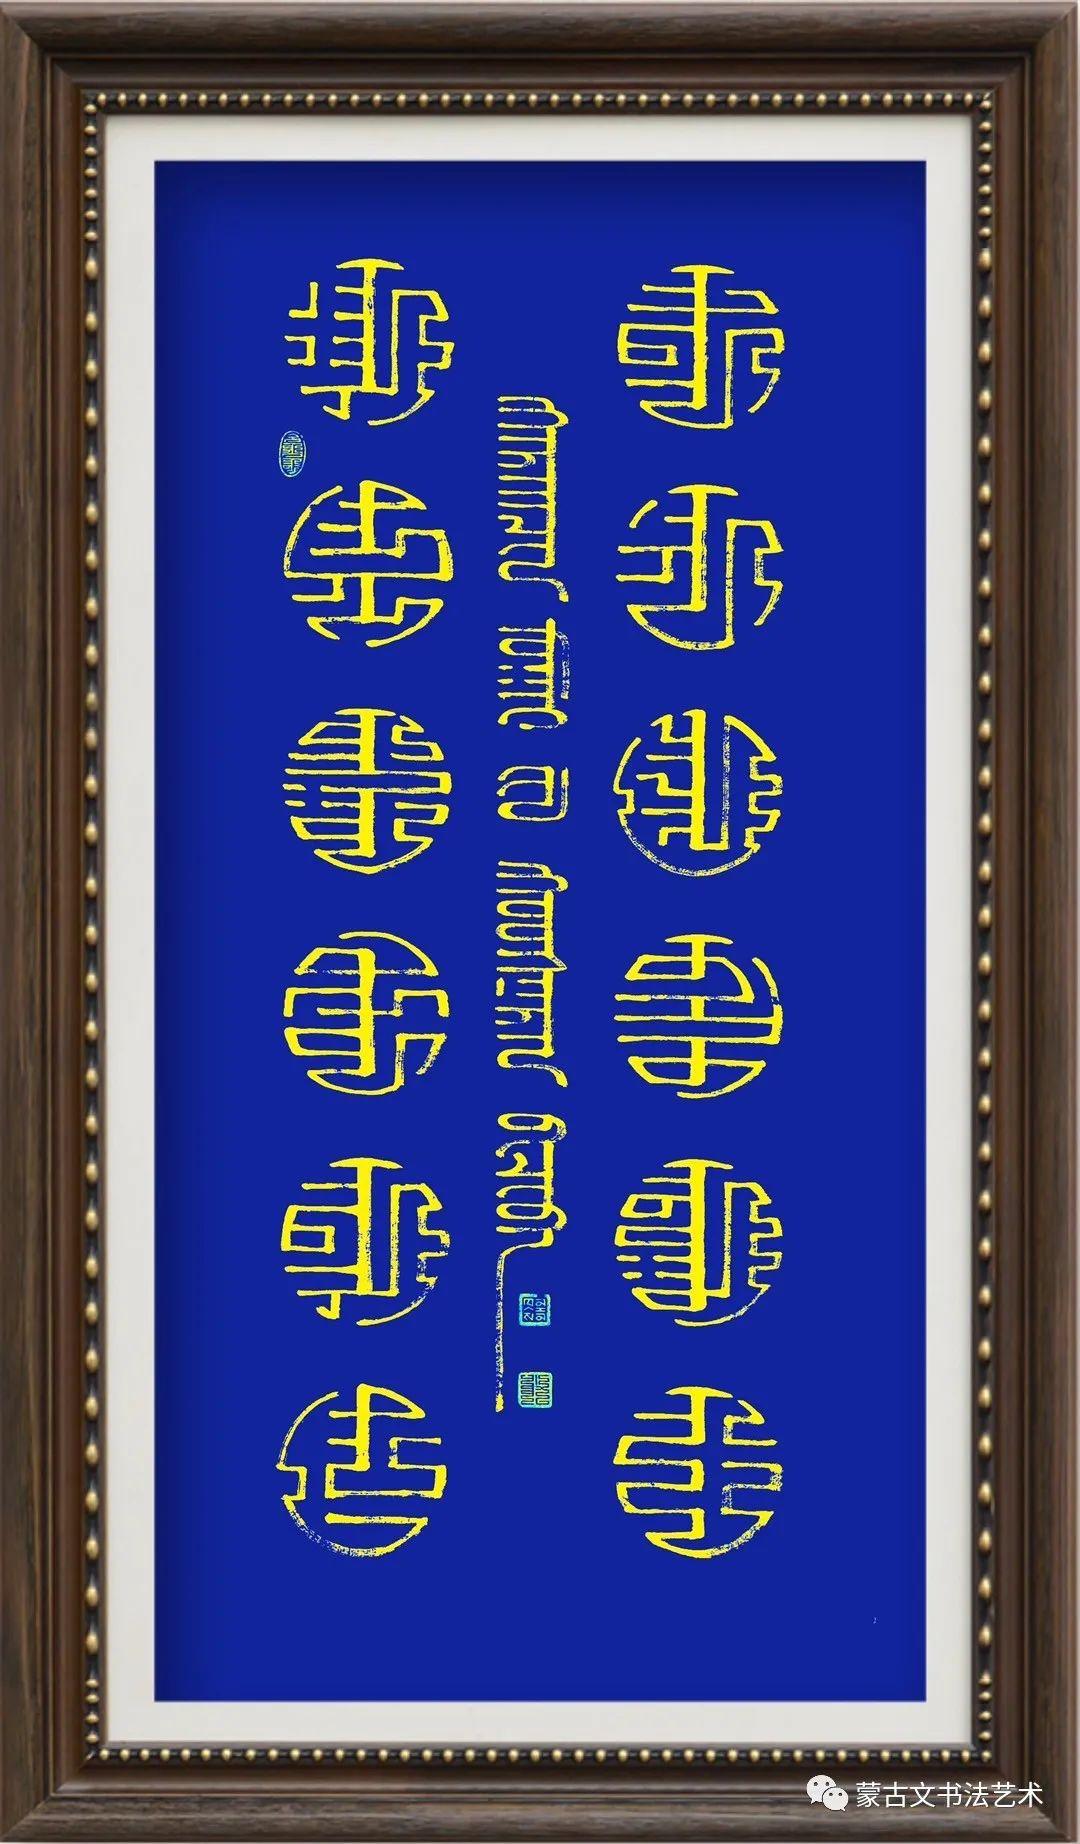 好斯那拉书法作品欣赏 第12张 好斯那拉书法作品欣赏 蒙古书法